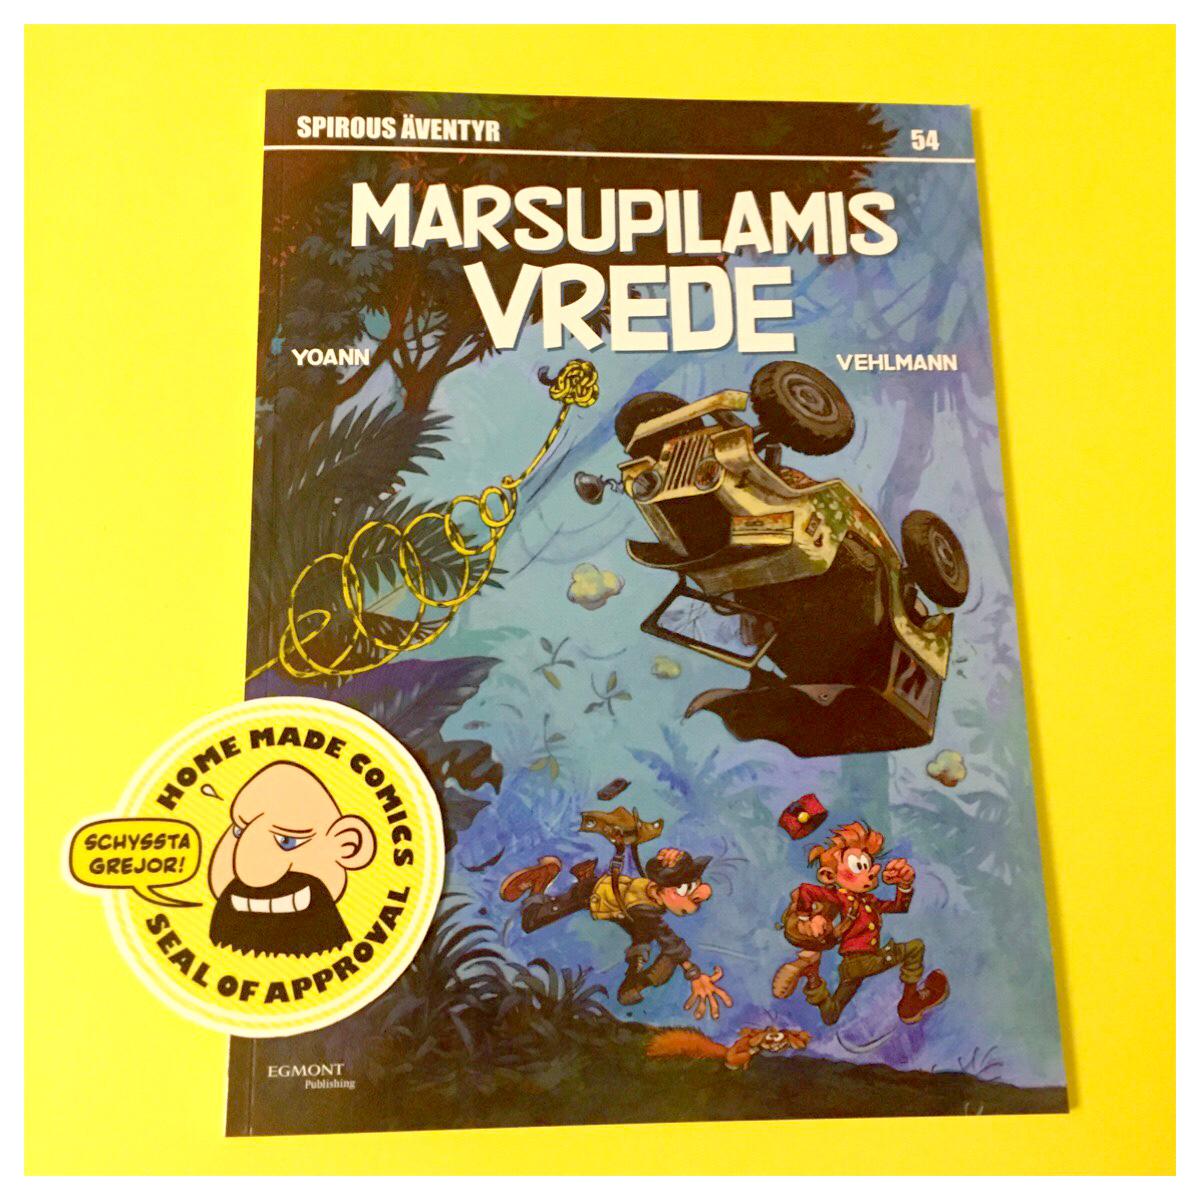 Home Made Comics Seal of Approval #145. Spirous äventyr 54 Marsipulamis vrede av Yoann och Vehlmann utgiven av Egmont 2016.